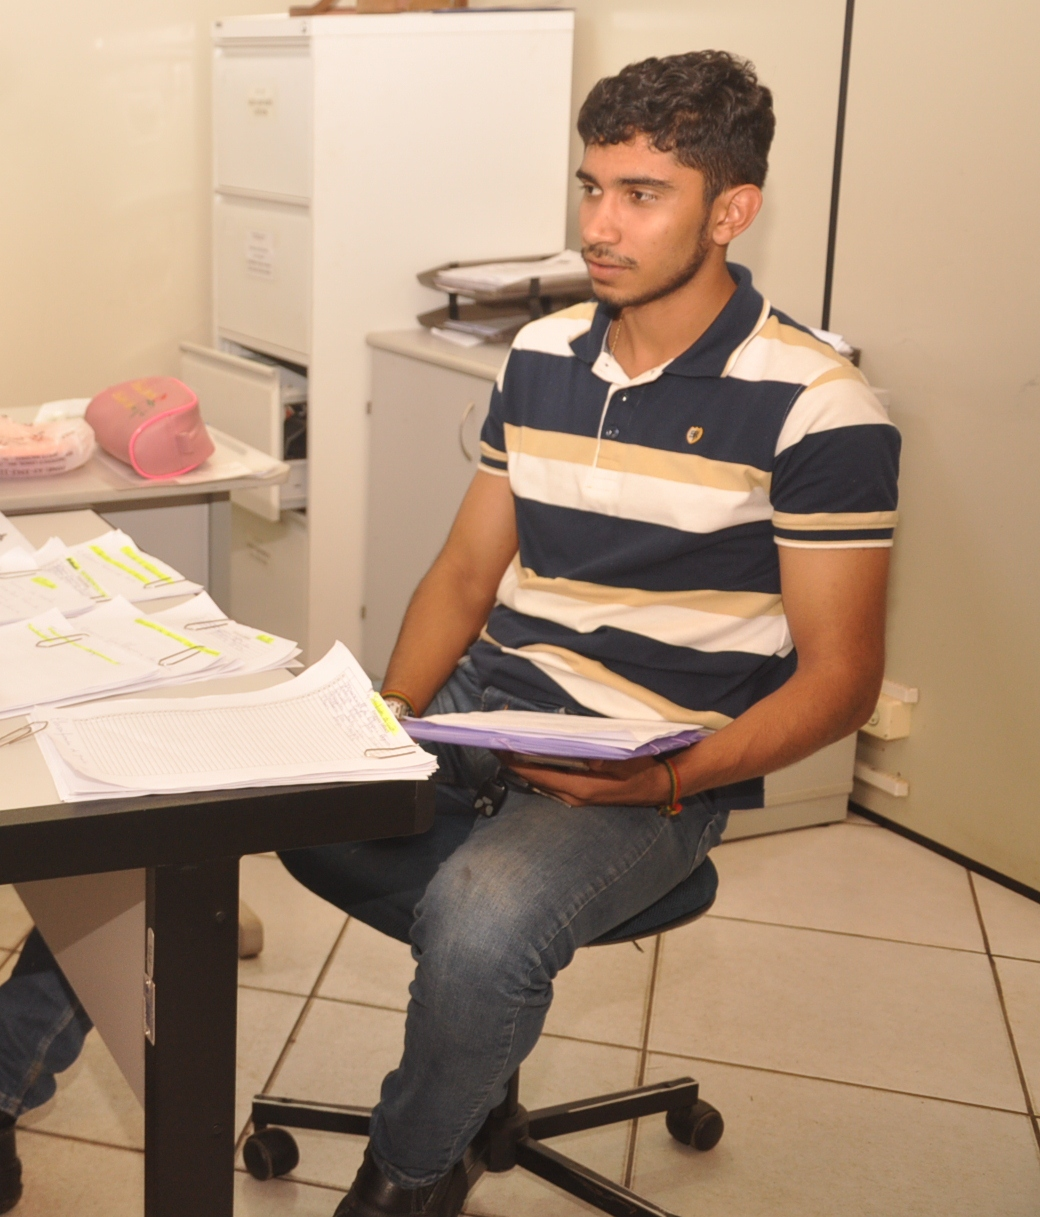 Prefeitura auxilia na captação de 100 novos empregos em Porto Nacional 7125e8165e502